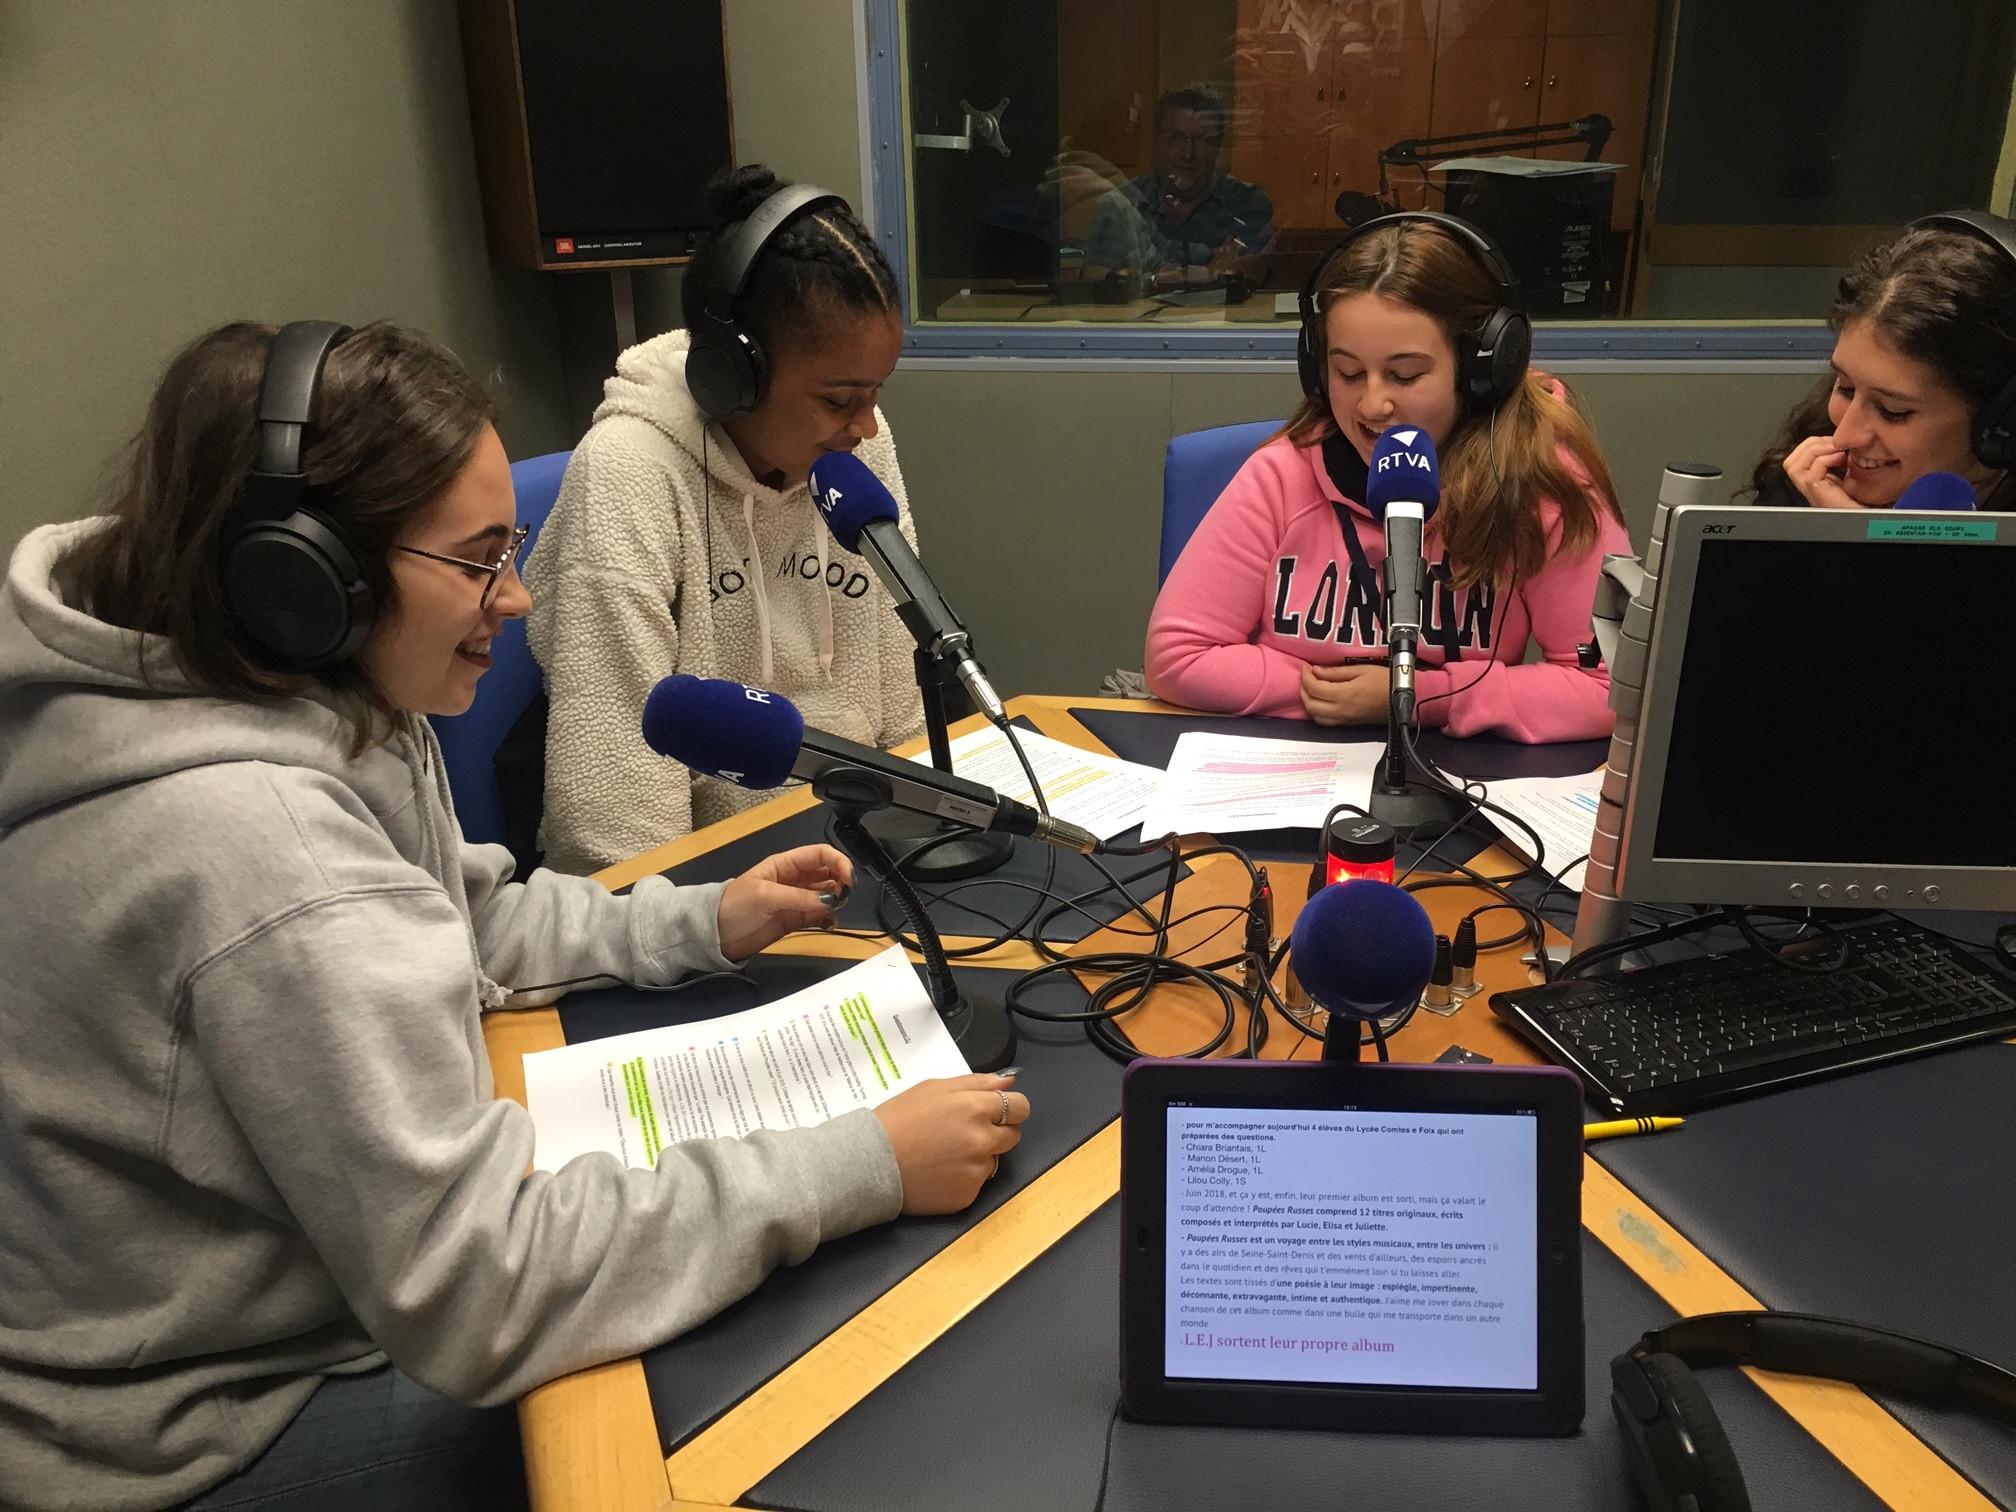 Quatre alumnes del Lycée entrevisten el grup L.E.J